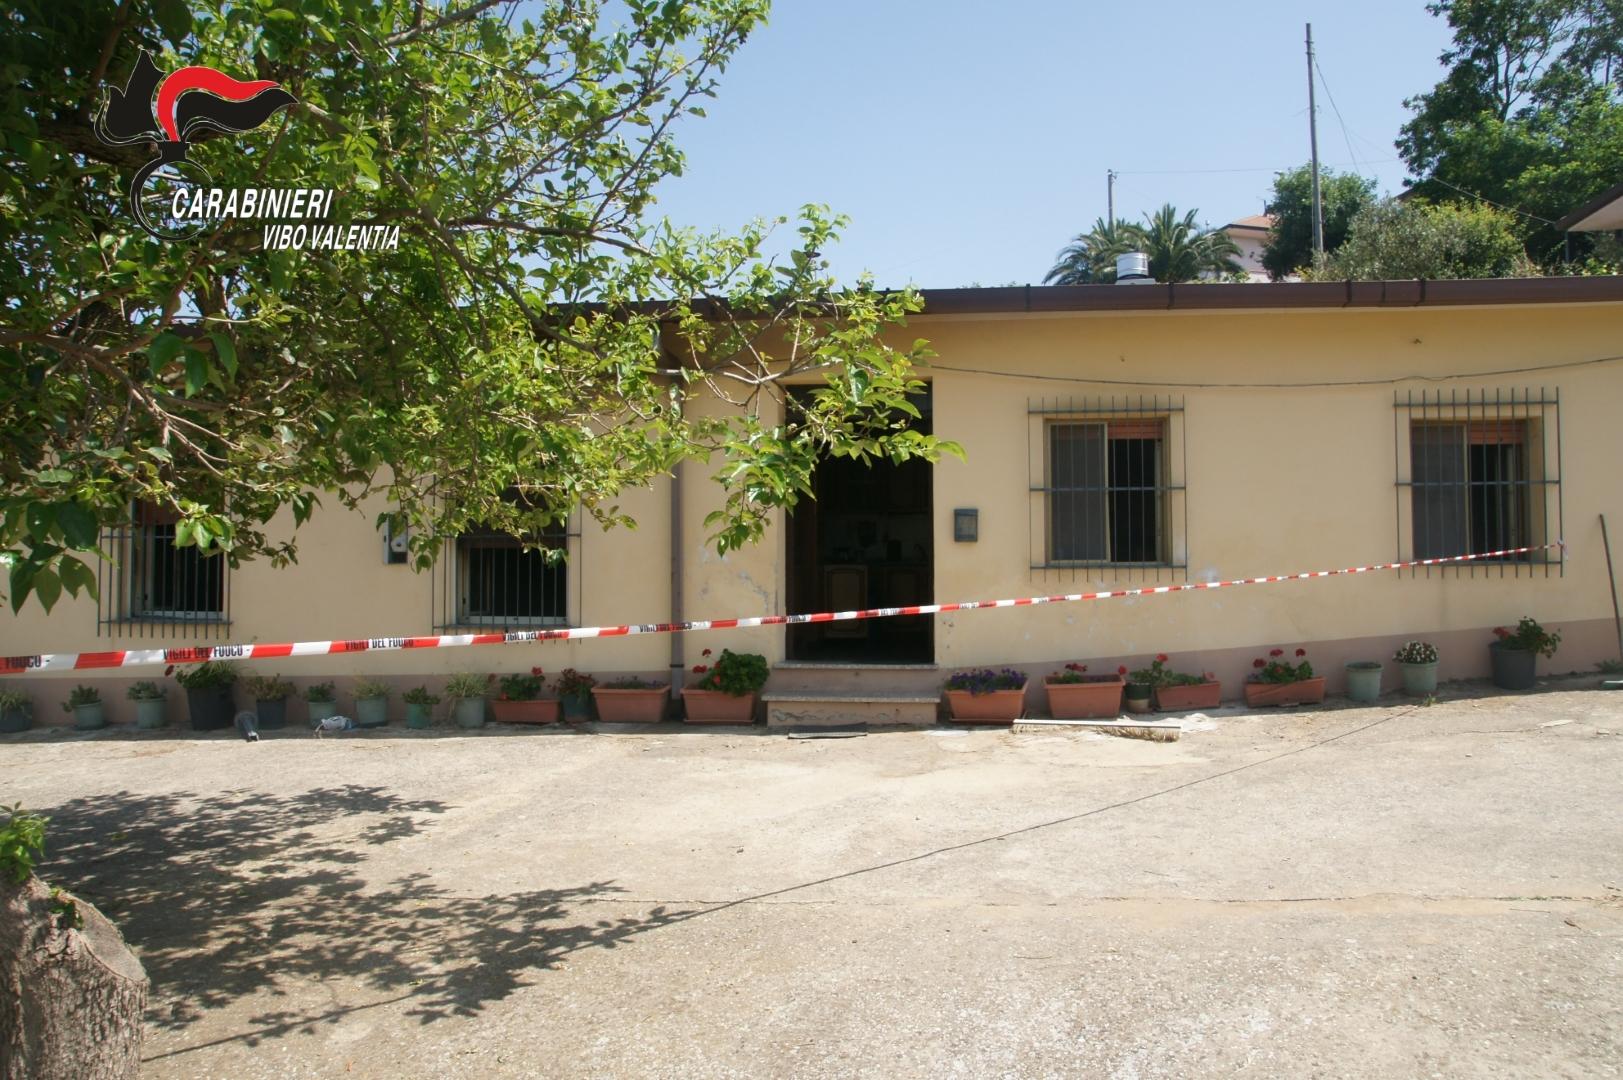 FOTO – Omicidio Andrea Mastrandrea, le immagini del luogo della rapina e dei presunti killer